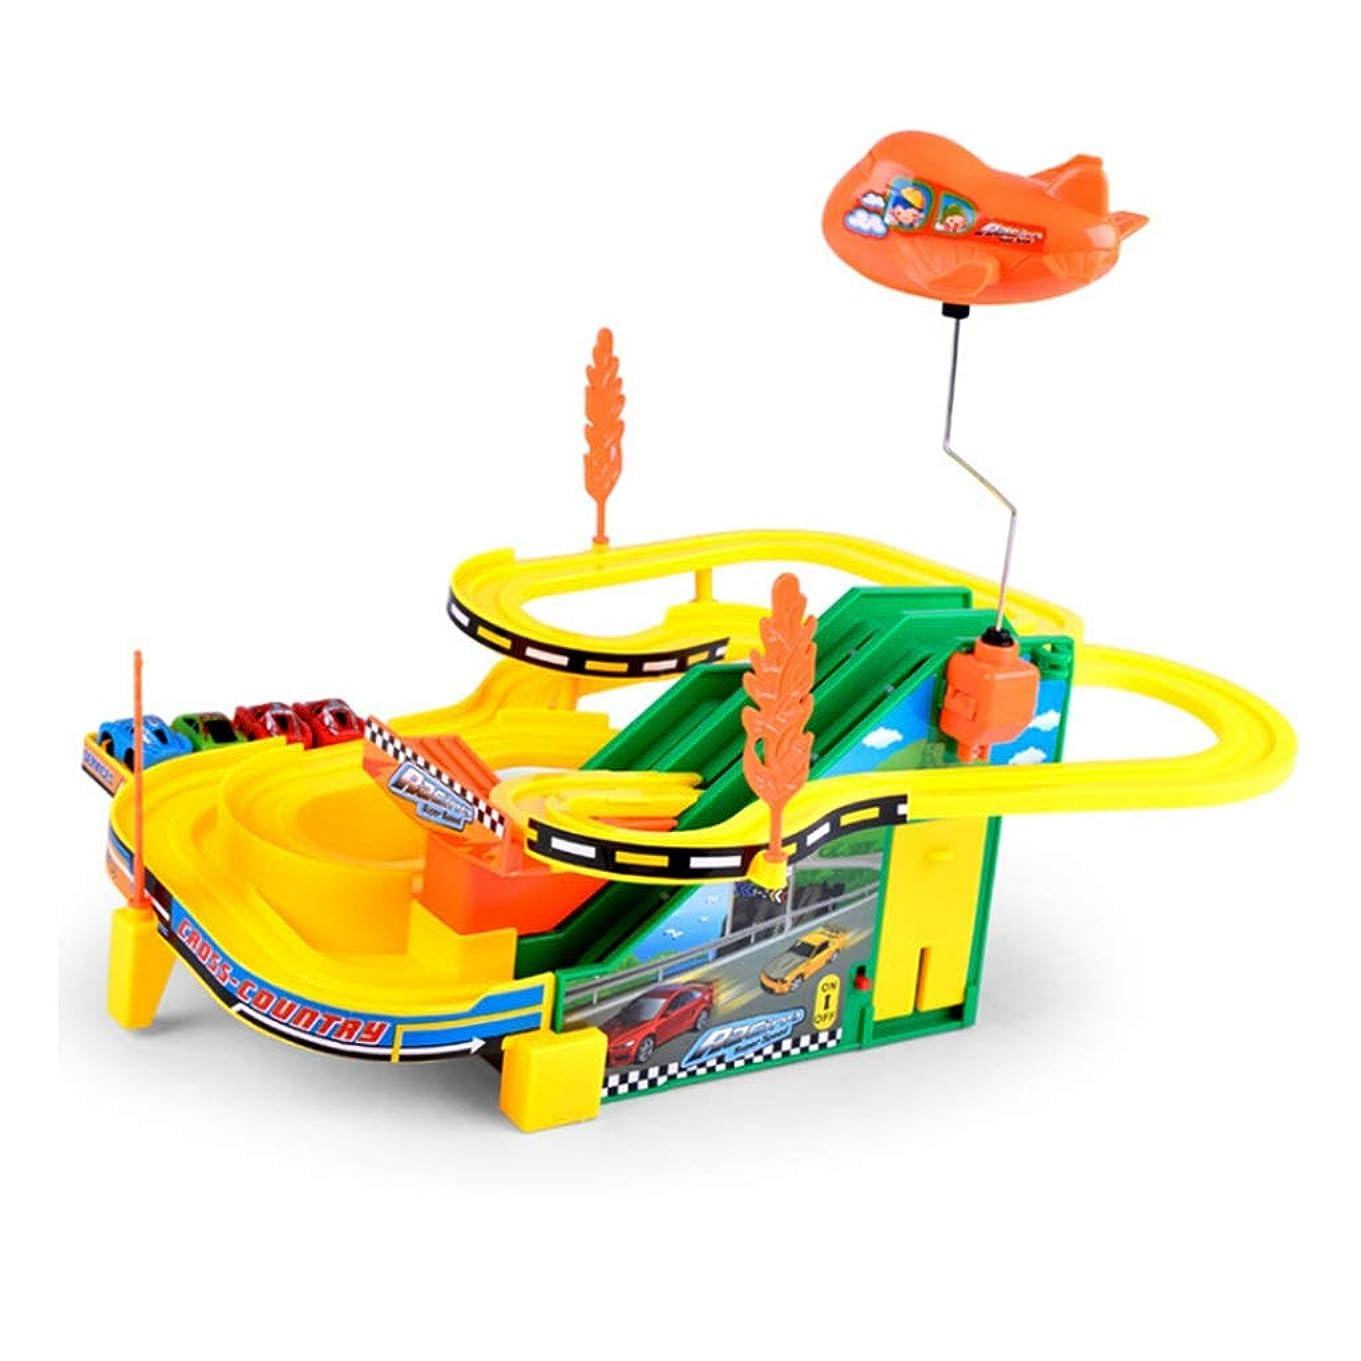 和らげるフィールド議会LINGLING-トラック トラックおもちゃ小さな列車レール車音楽小さな列車モデルのおもちゃ子供組み立てカーレース少年教育玩具クリスマスギフト (Color : Yellow)